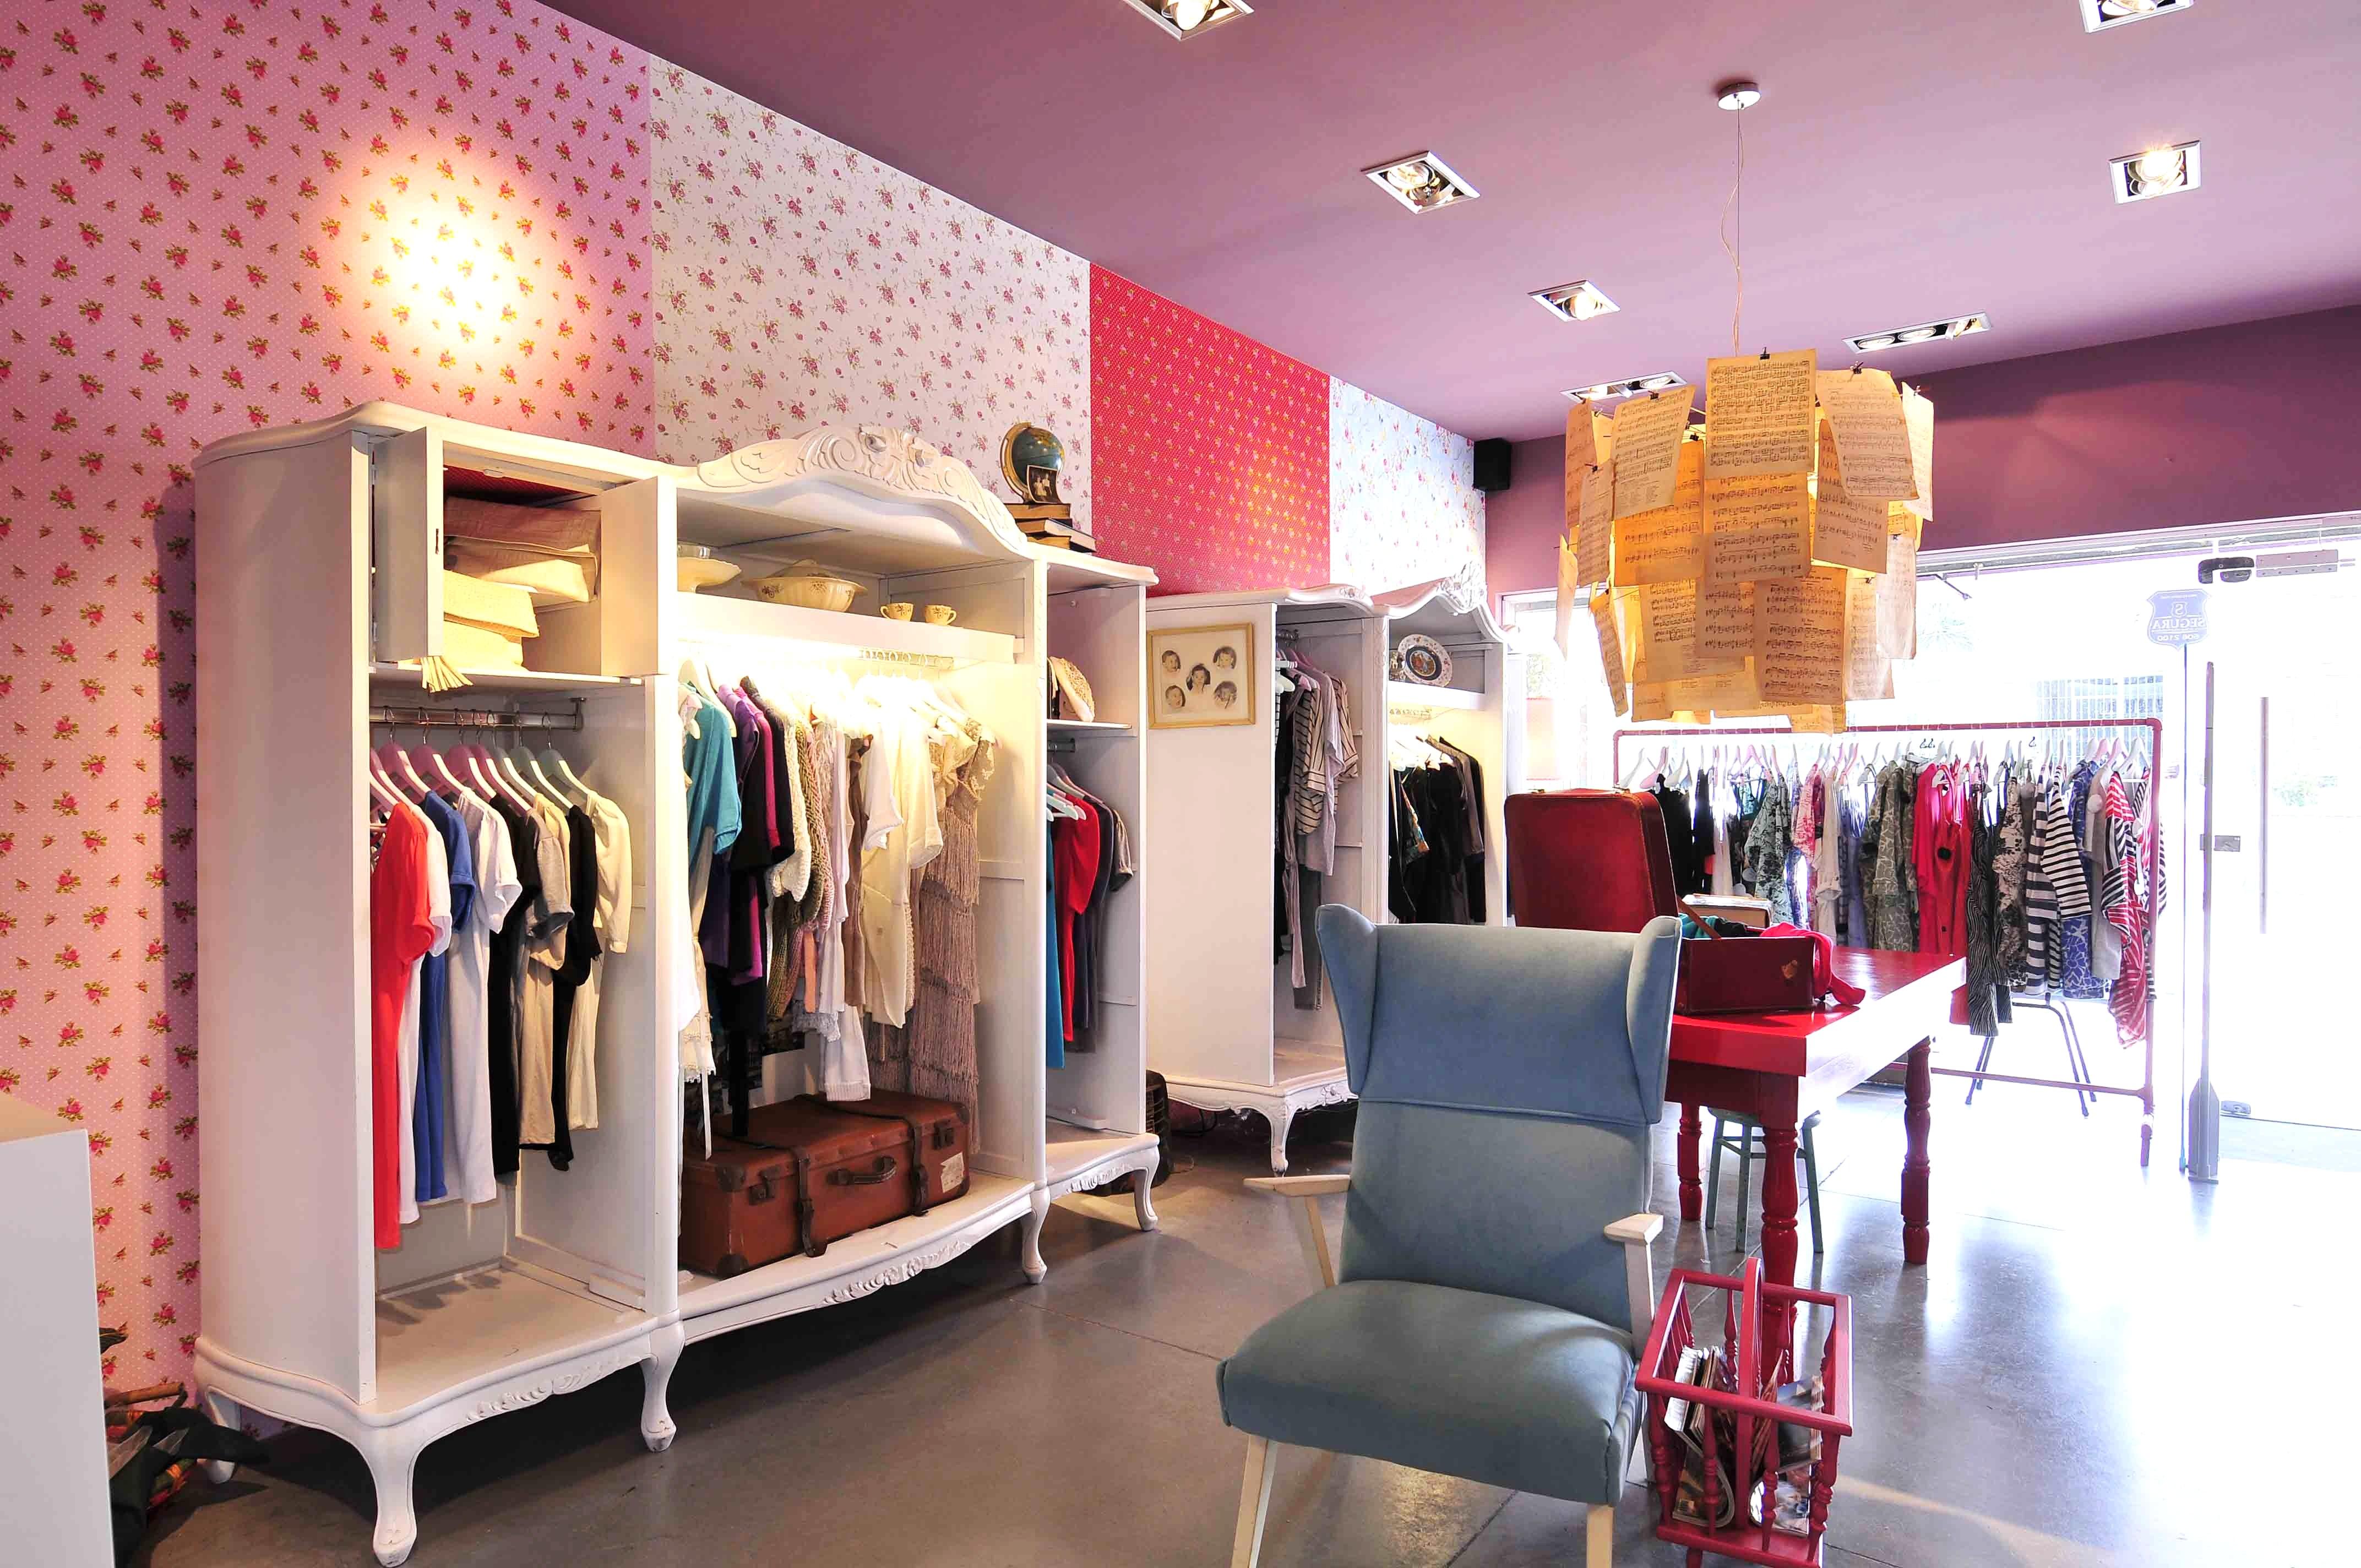 Imagenes de locales comerciales de ropa imagui for Decoracion de negocios de ropa